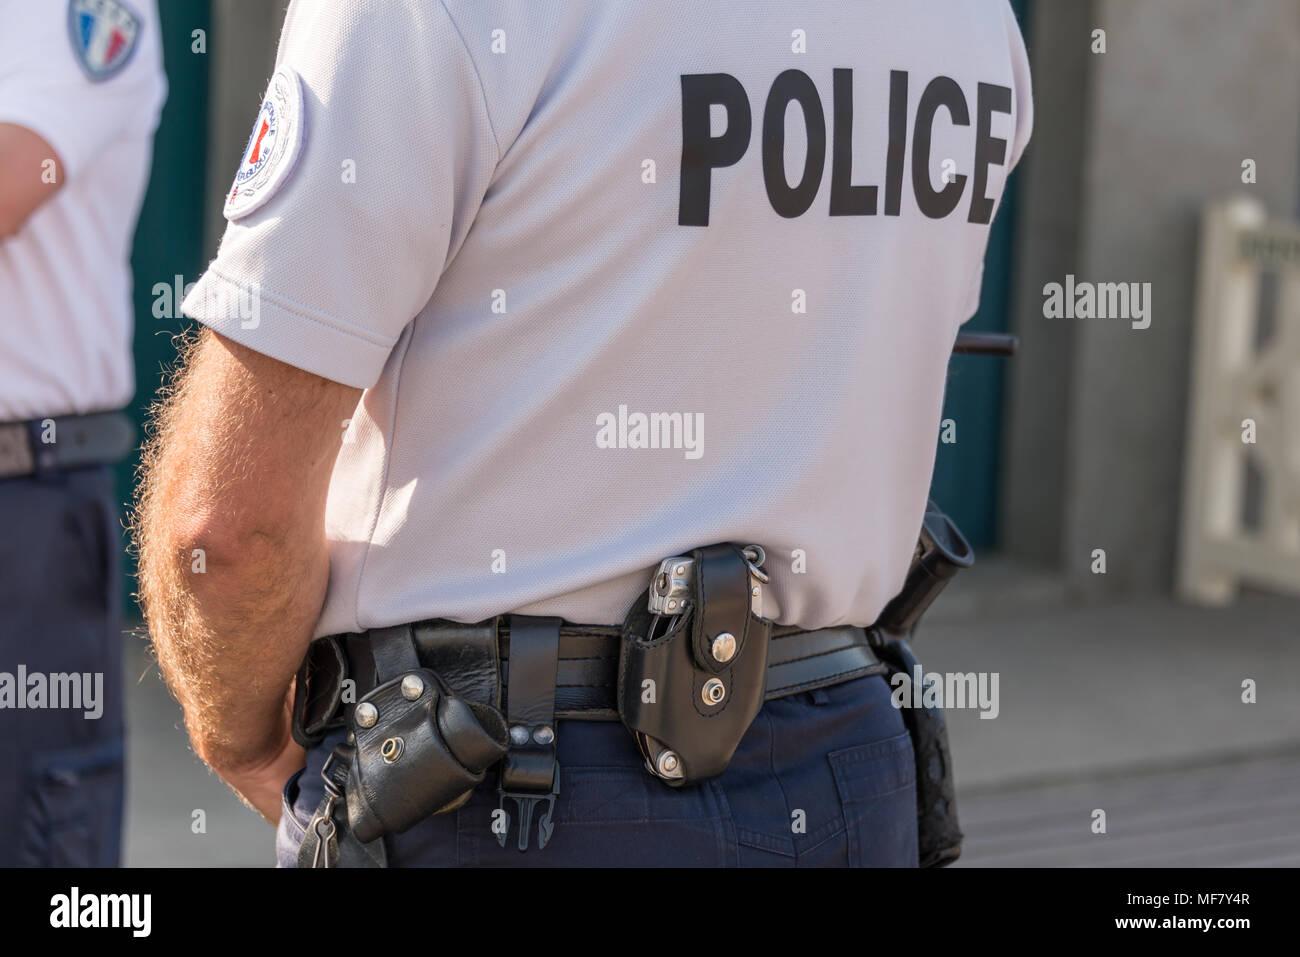 La police française close up, de la sécurité et de l'état d'urgence concept Photo Stock